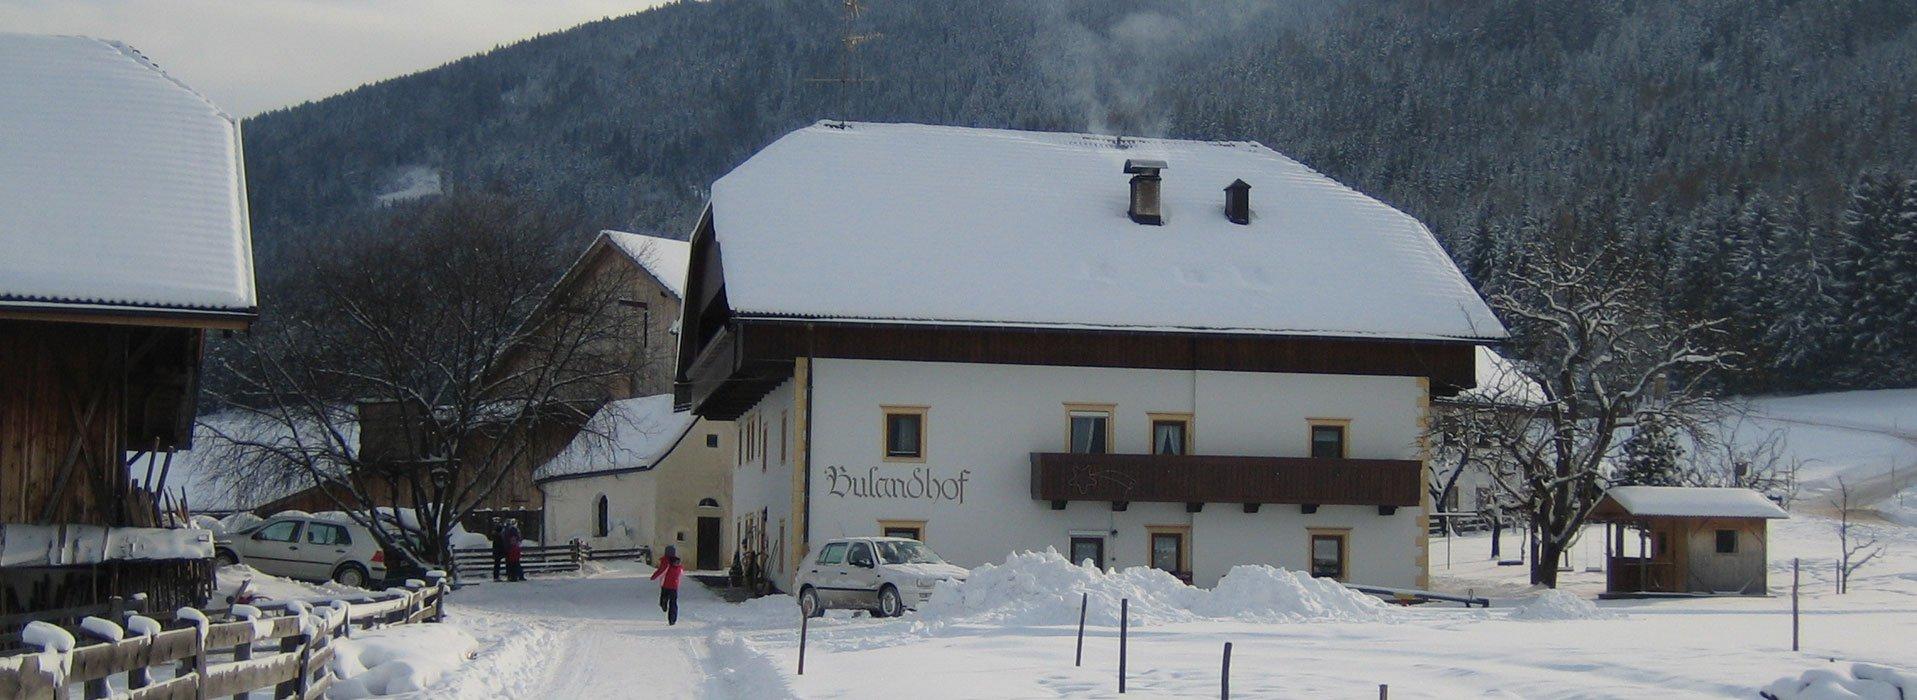 skiurlaub-kronplatz-02